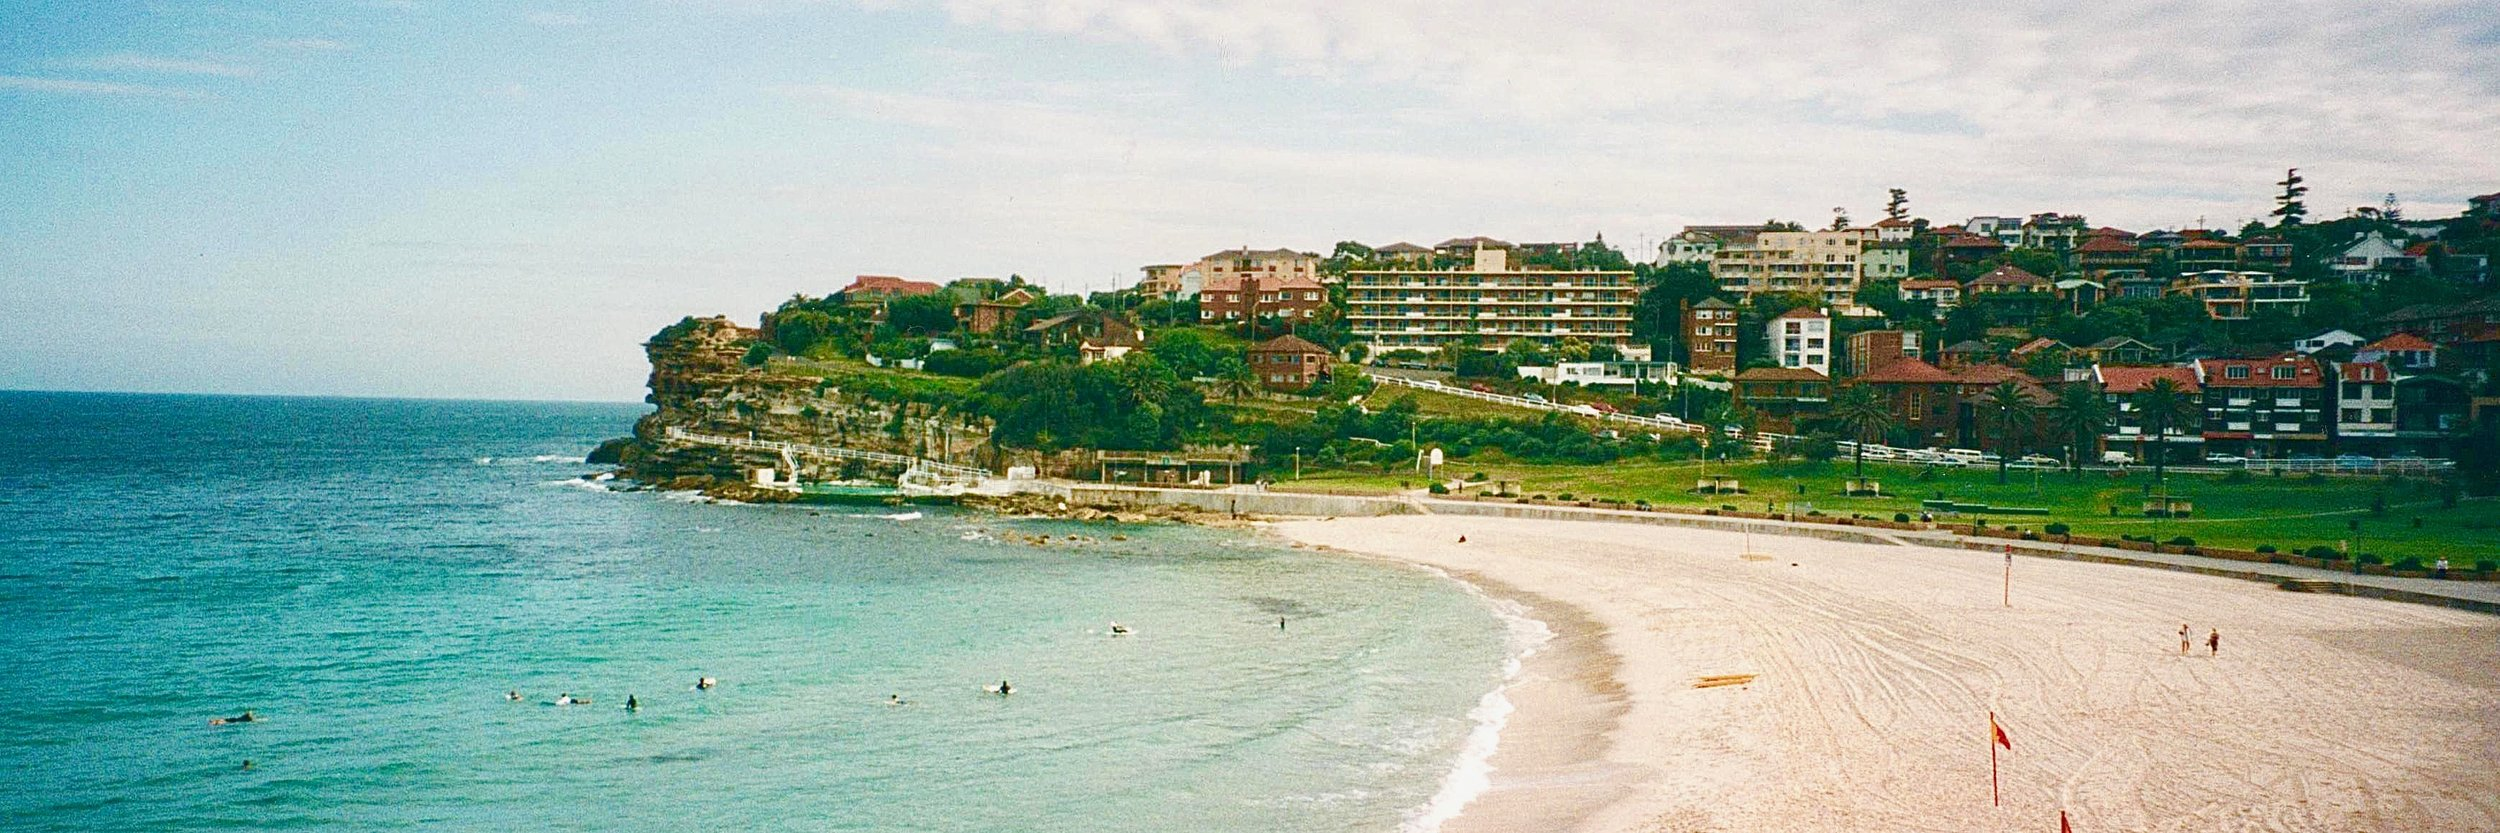 AU Bondi beach 2.jpg